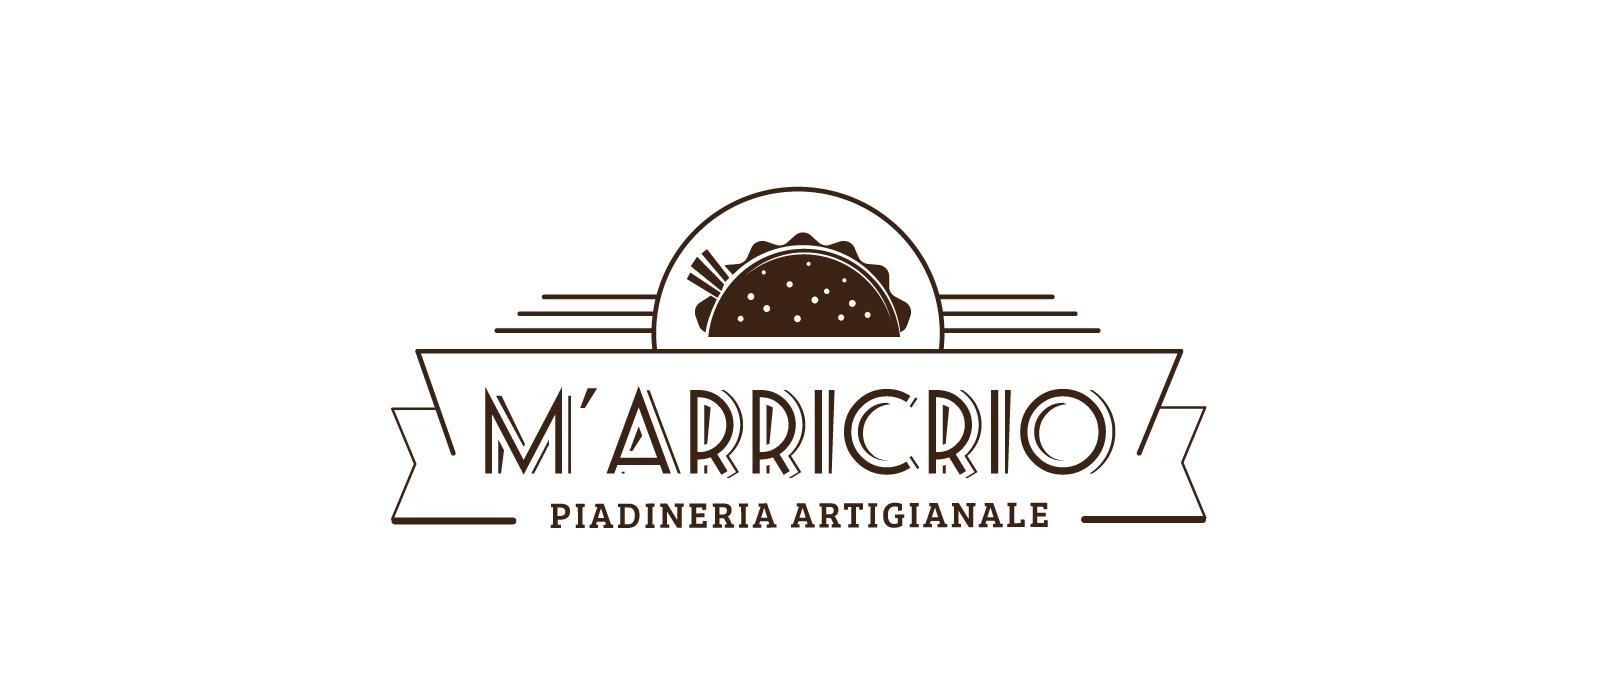 marricrio